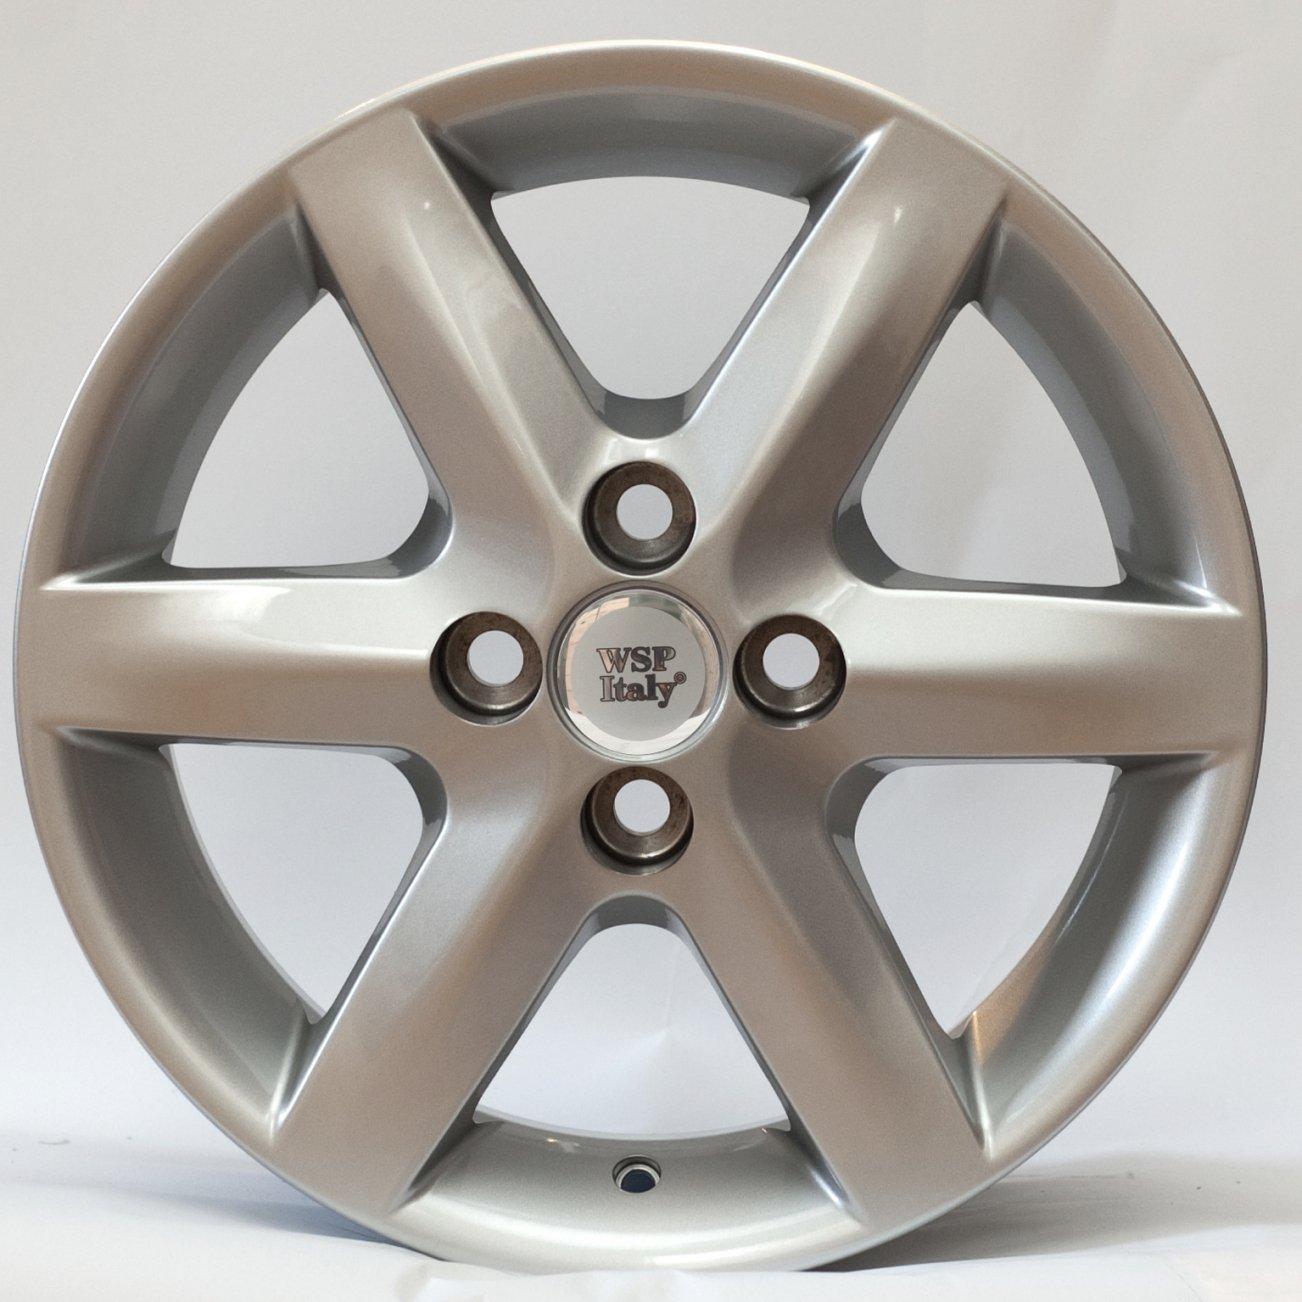 WSP Italy Toyota (W1713) Troy 6,5x15 4x100 ET35 DIA54,1 (silver)